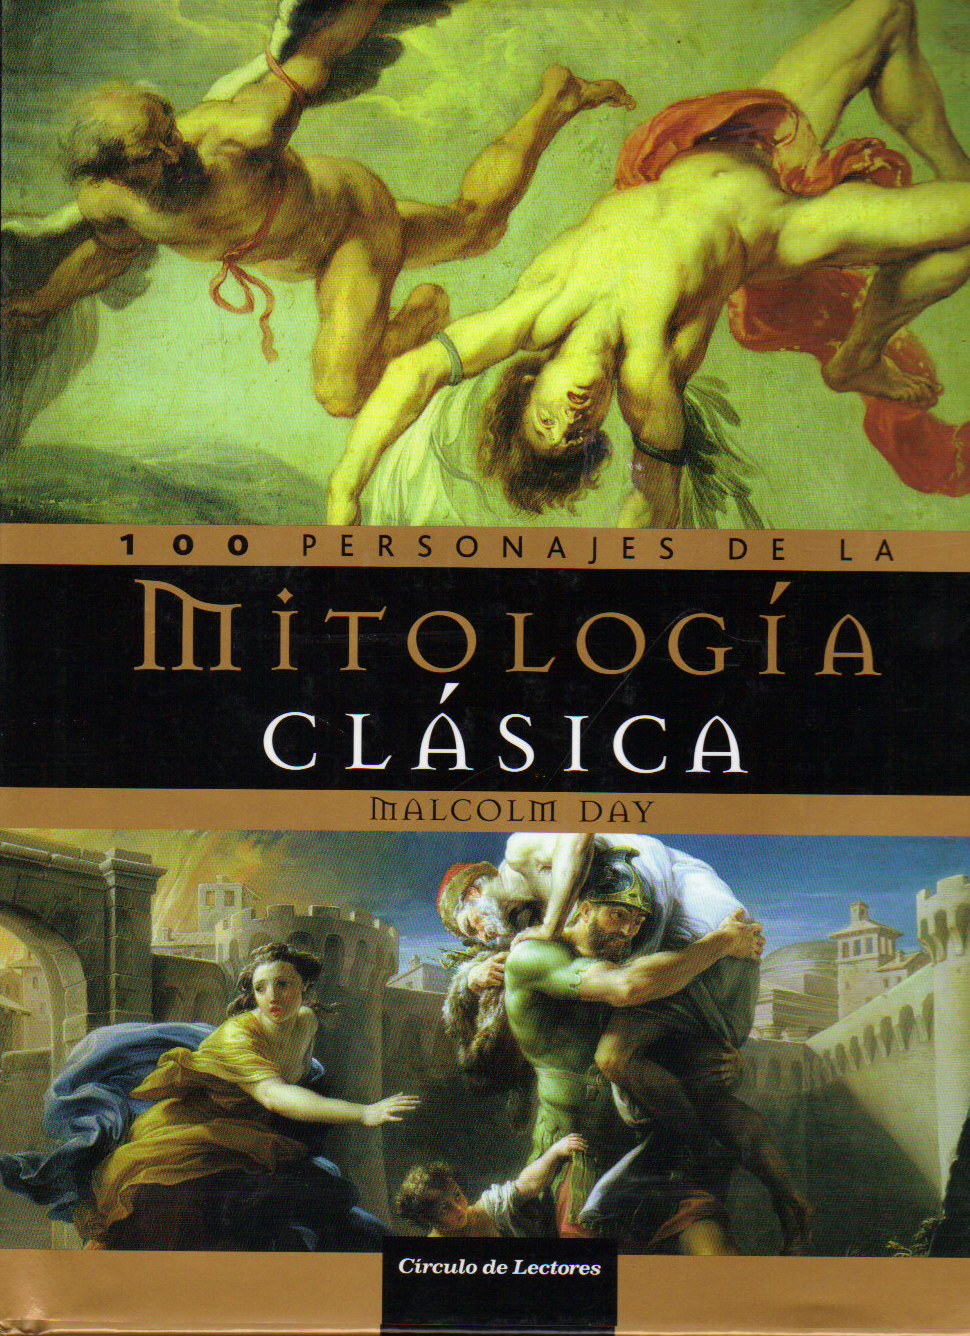 100 Personajes de la mitología clásica